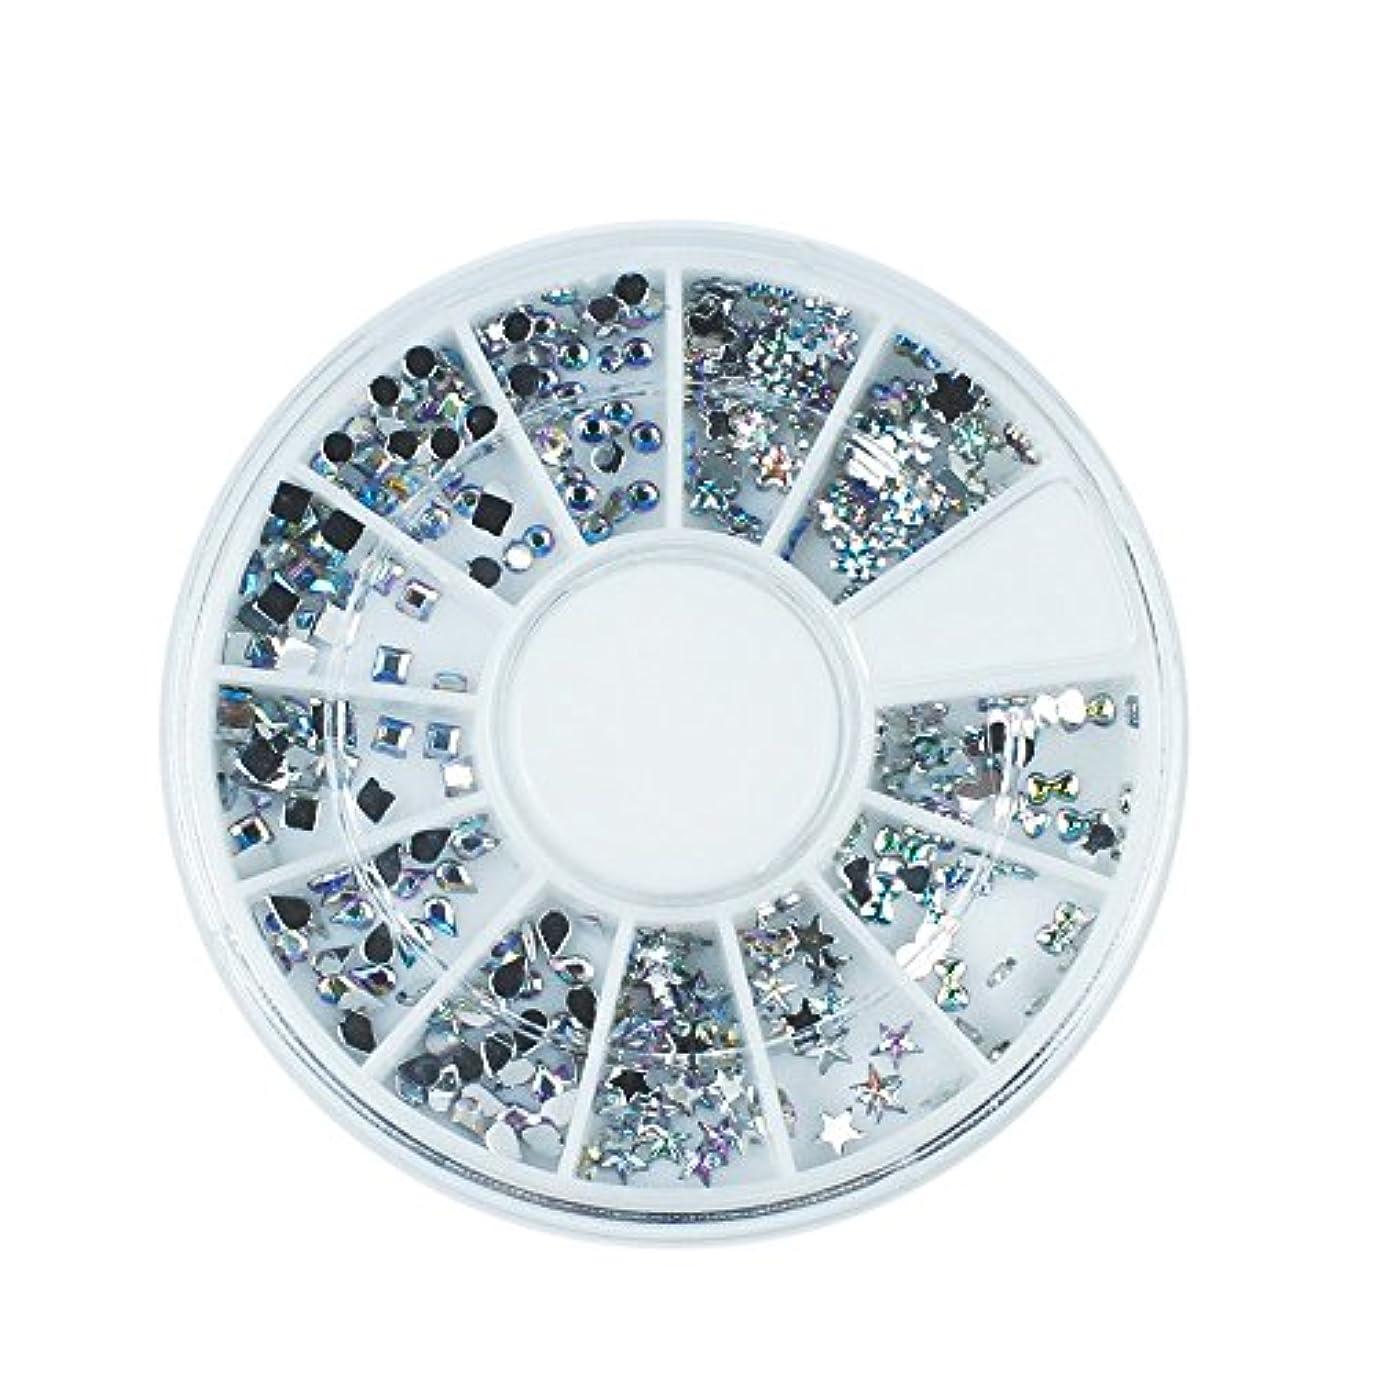 教育する急いで工業化するArtlalic ABレインボーネイルアートスタッズラインストーンキラキラダイヤモンド宝石3D先端石